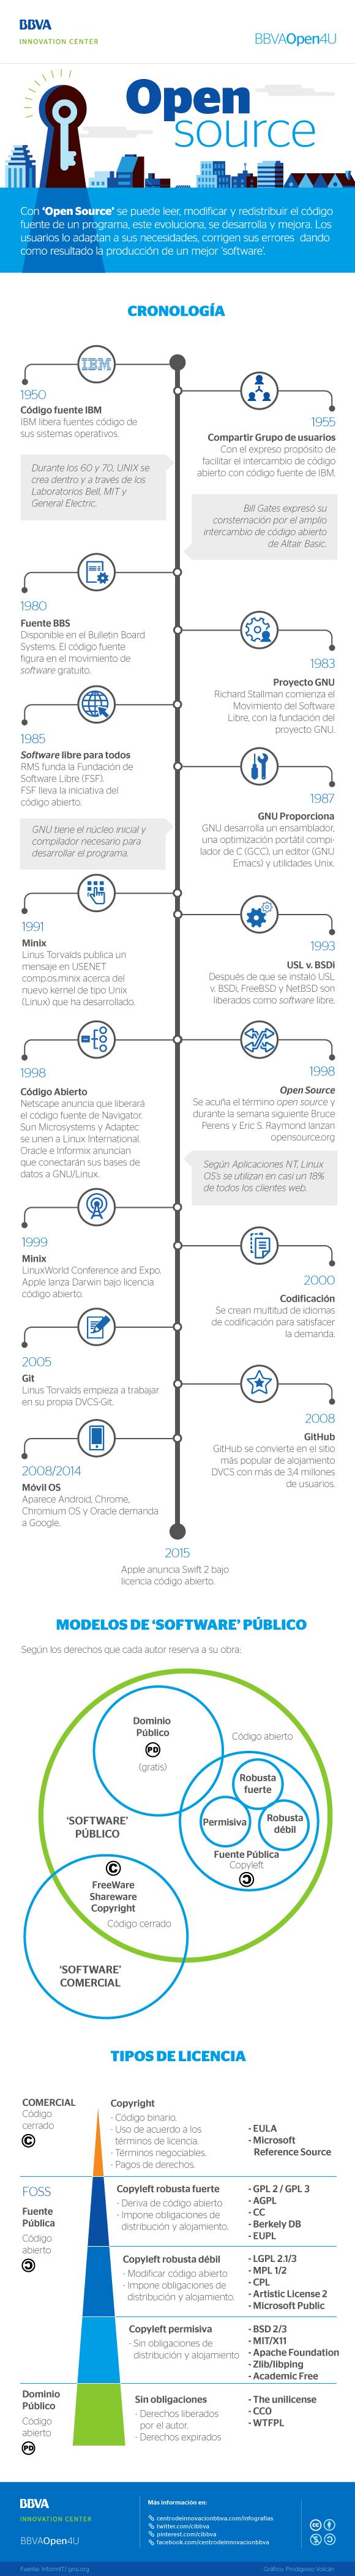 Infografía: La historia del Open Source